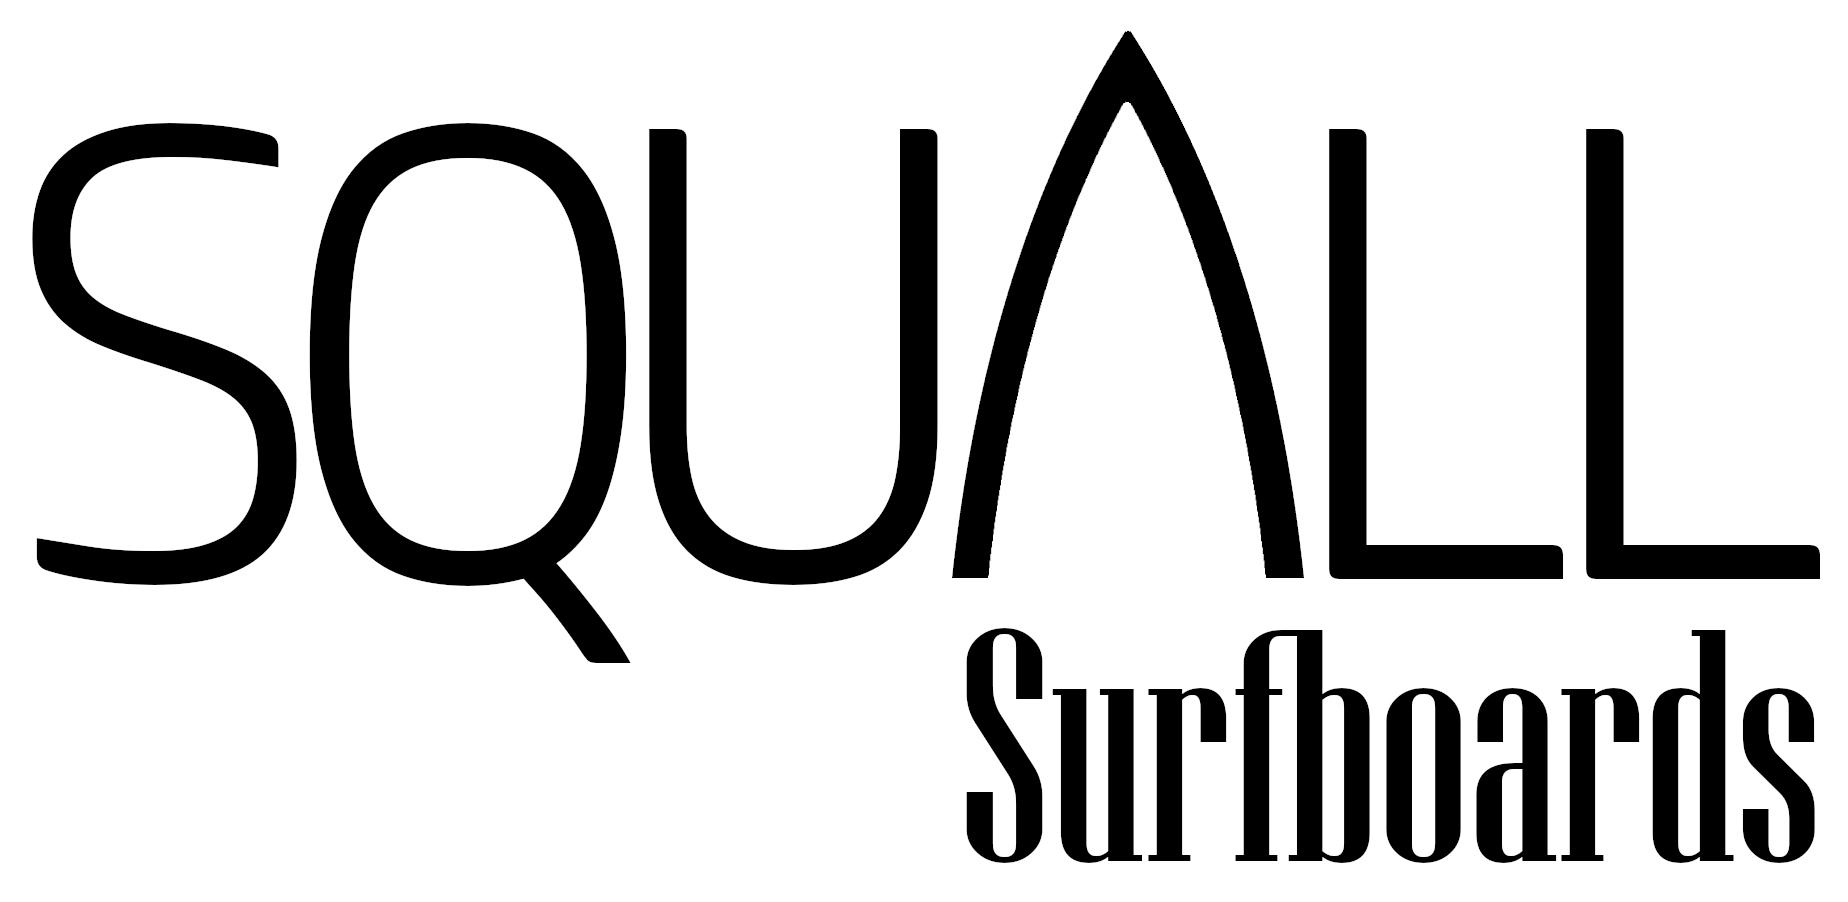 Squallfinal